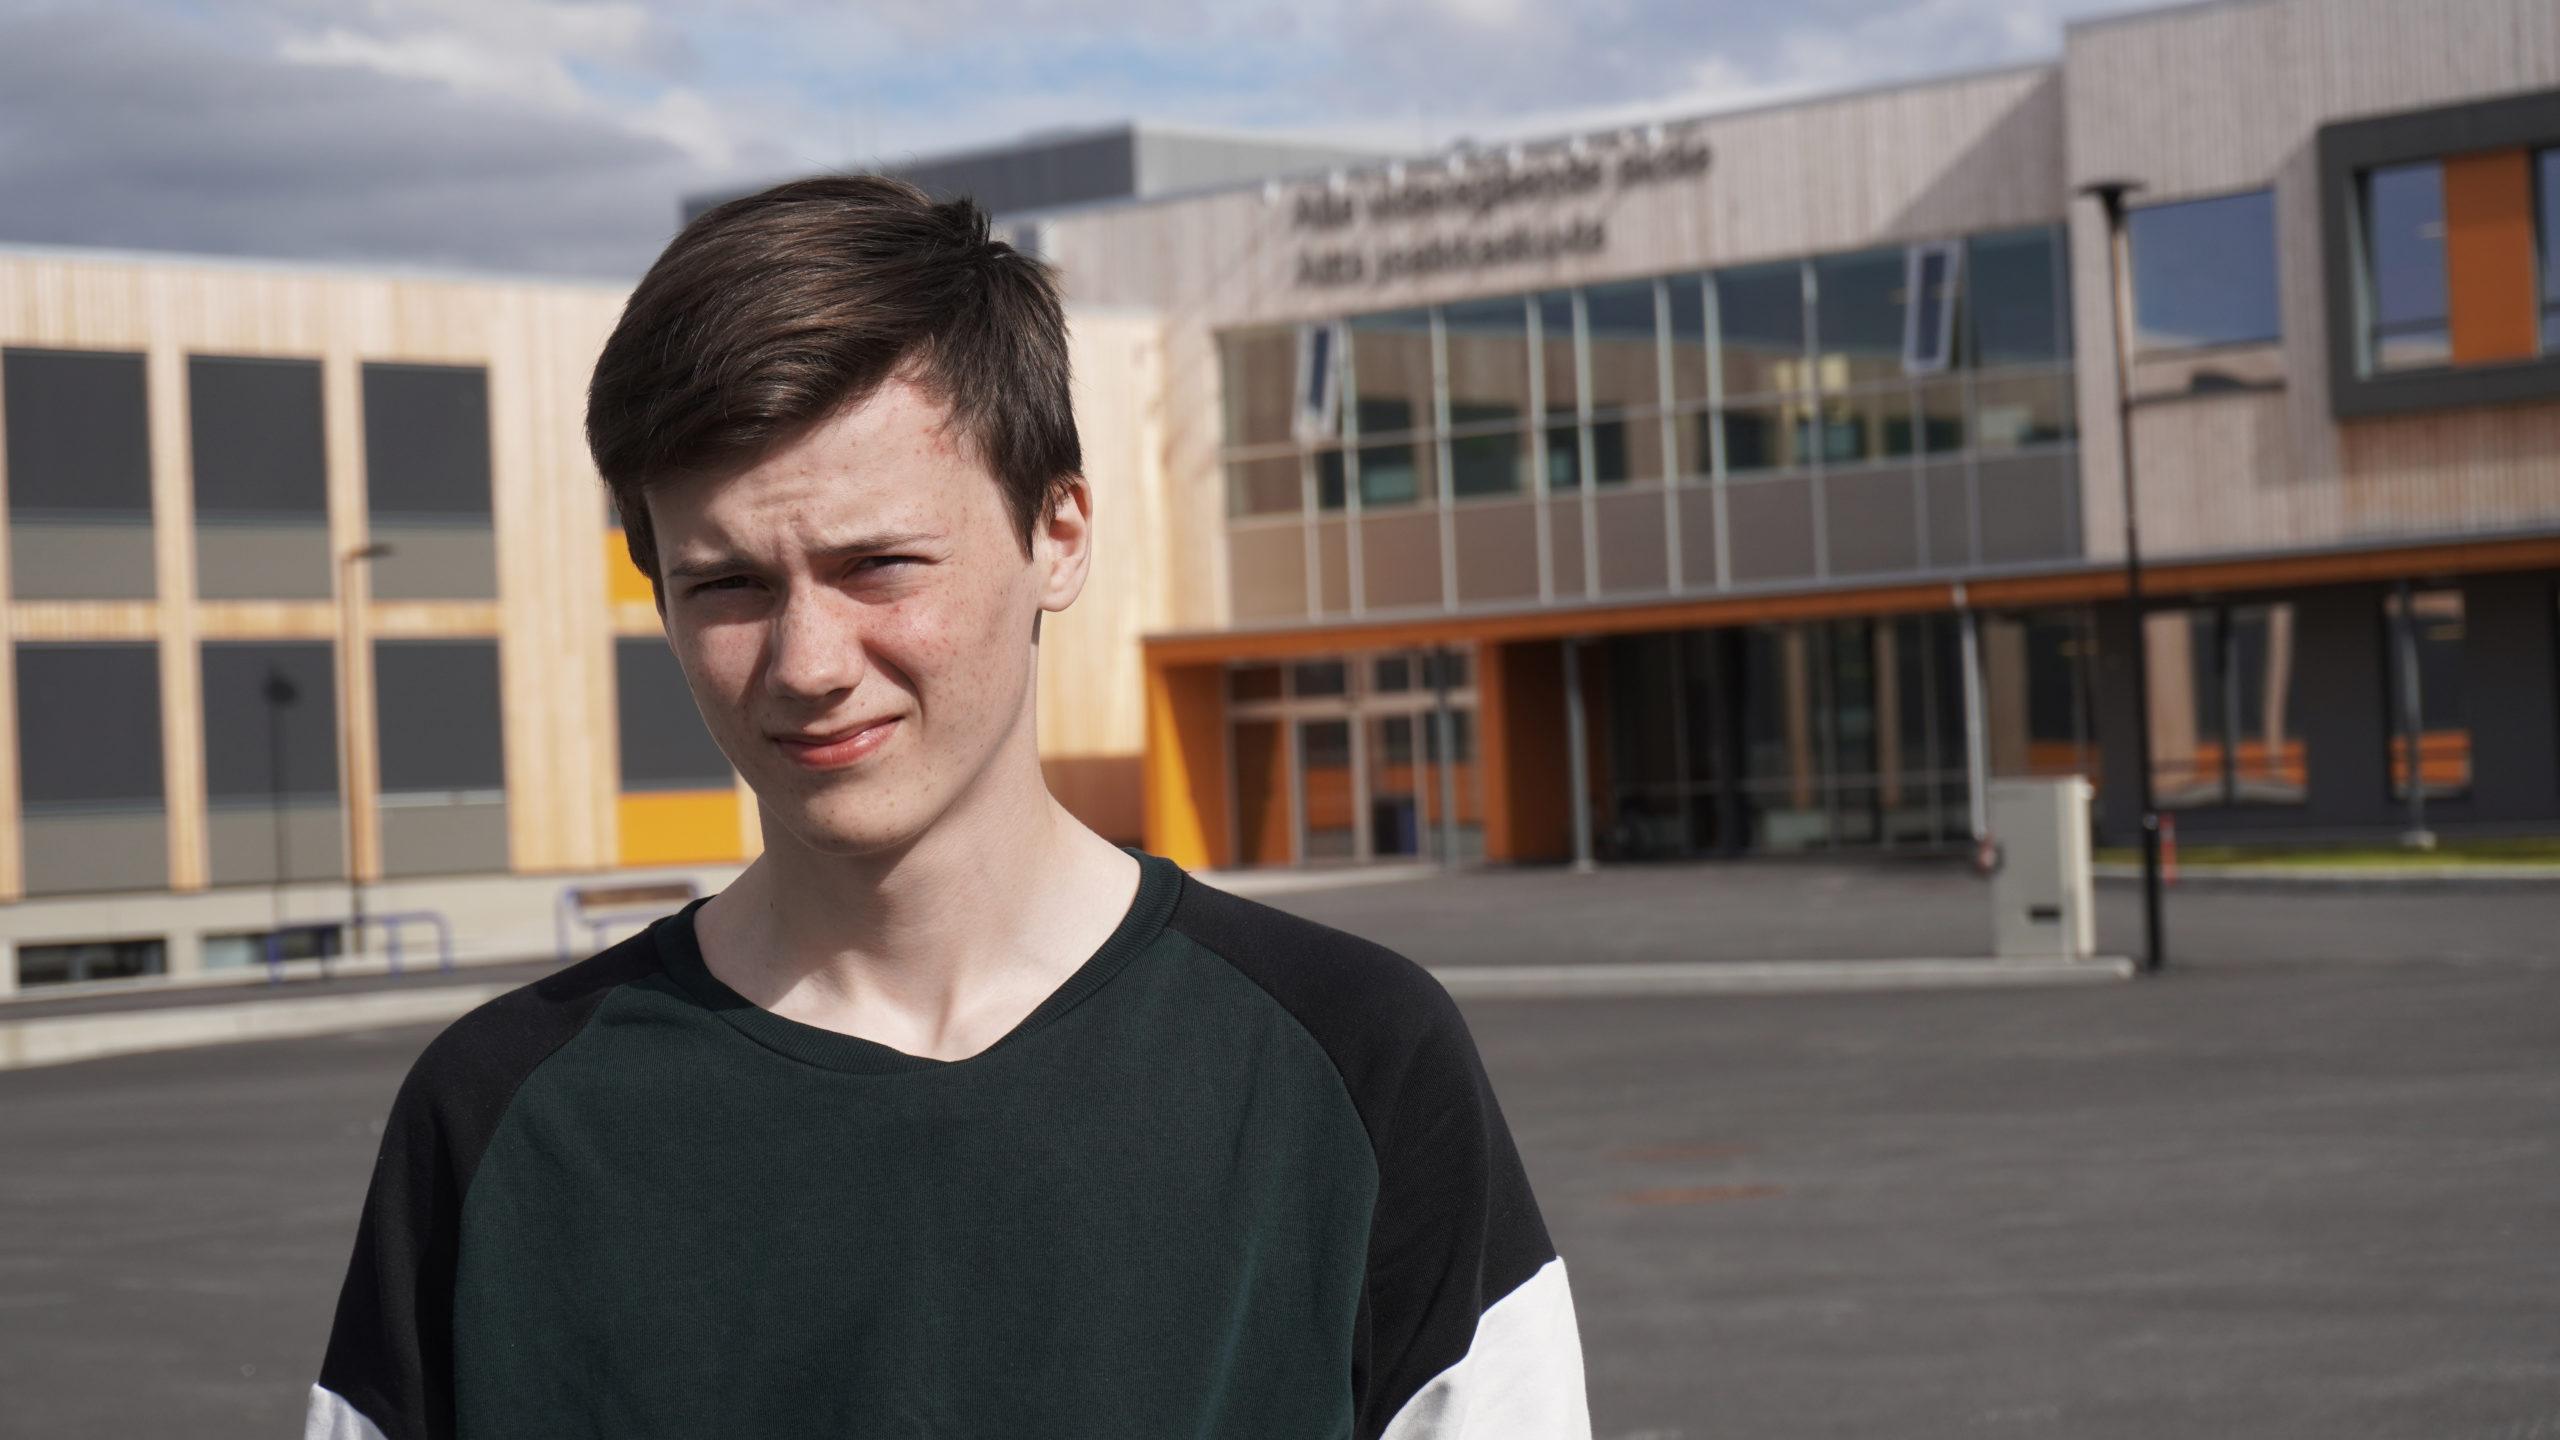 En ung gutt, rundt slutten av tenårene, med fregner i ansiktet, mørkt hår og lys hud kikker bekymret mot kamera. Leif-Ove som han heter, ser brydd ut. Bildet er tatt i halvprofil foran en skurrete Alta Videregående skole.